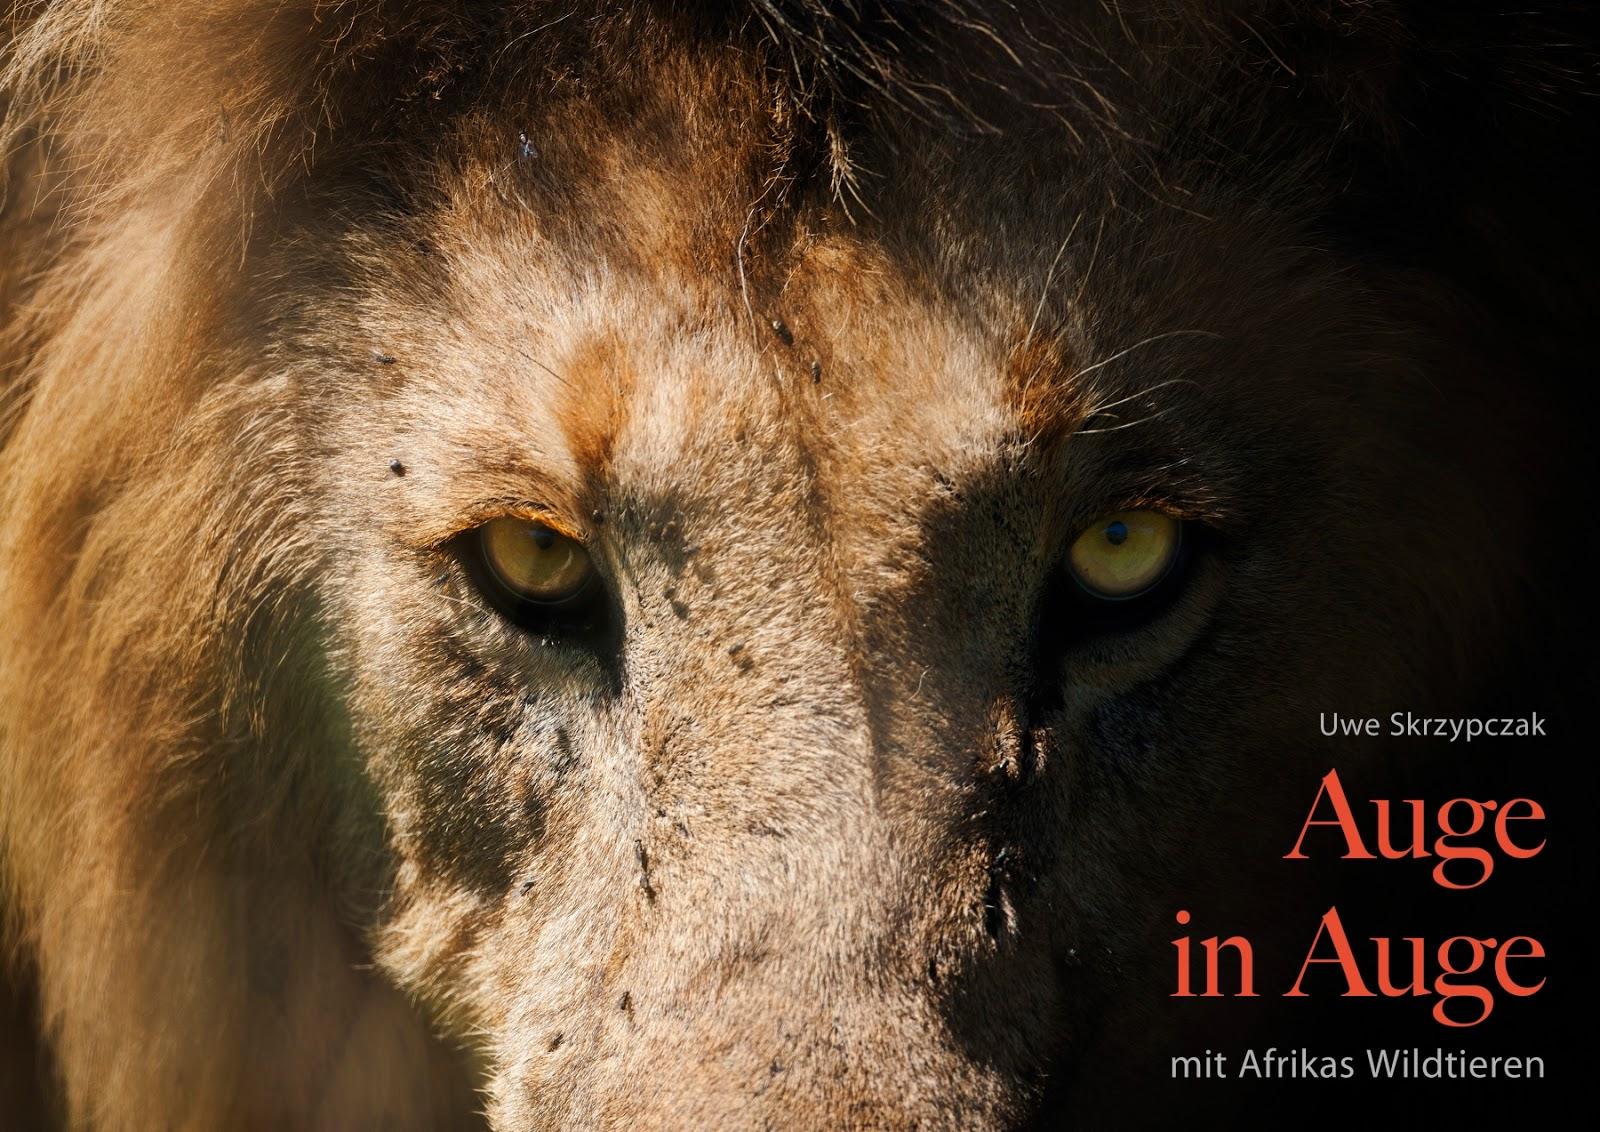 AUGE IN AUGE mit Afrikas Tierwelt. Kalender von Uwe Skrzypczak